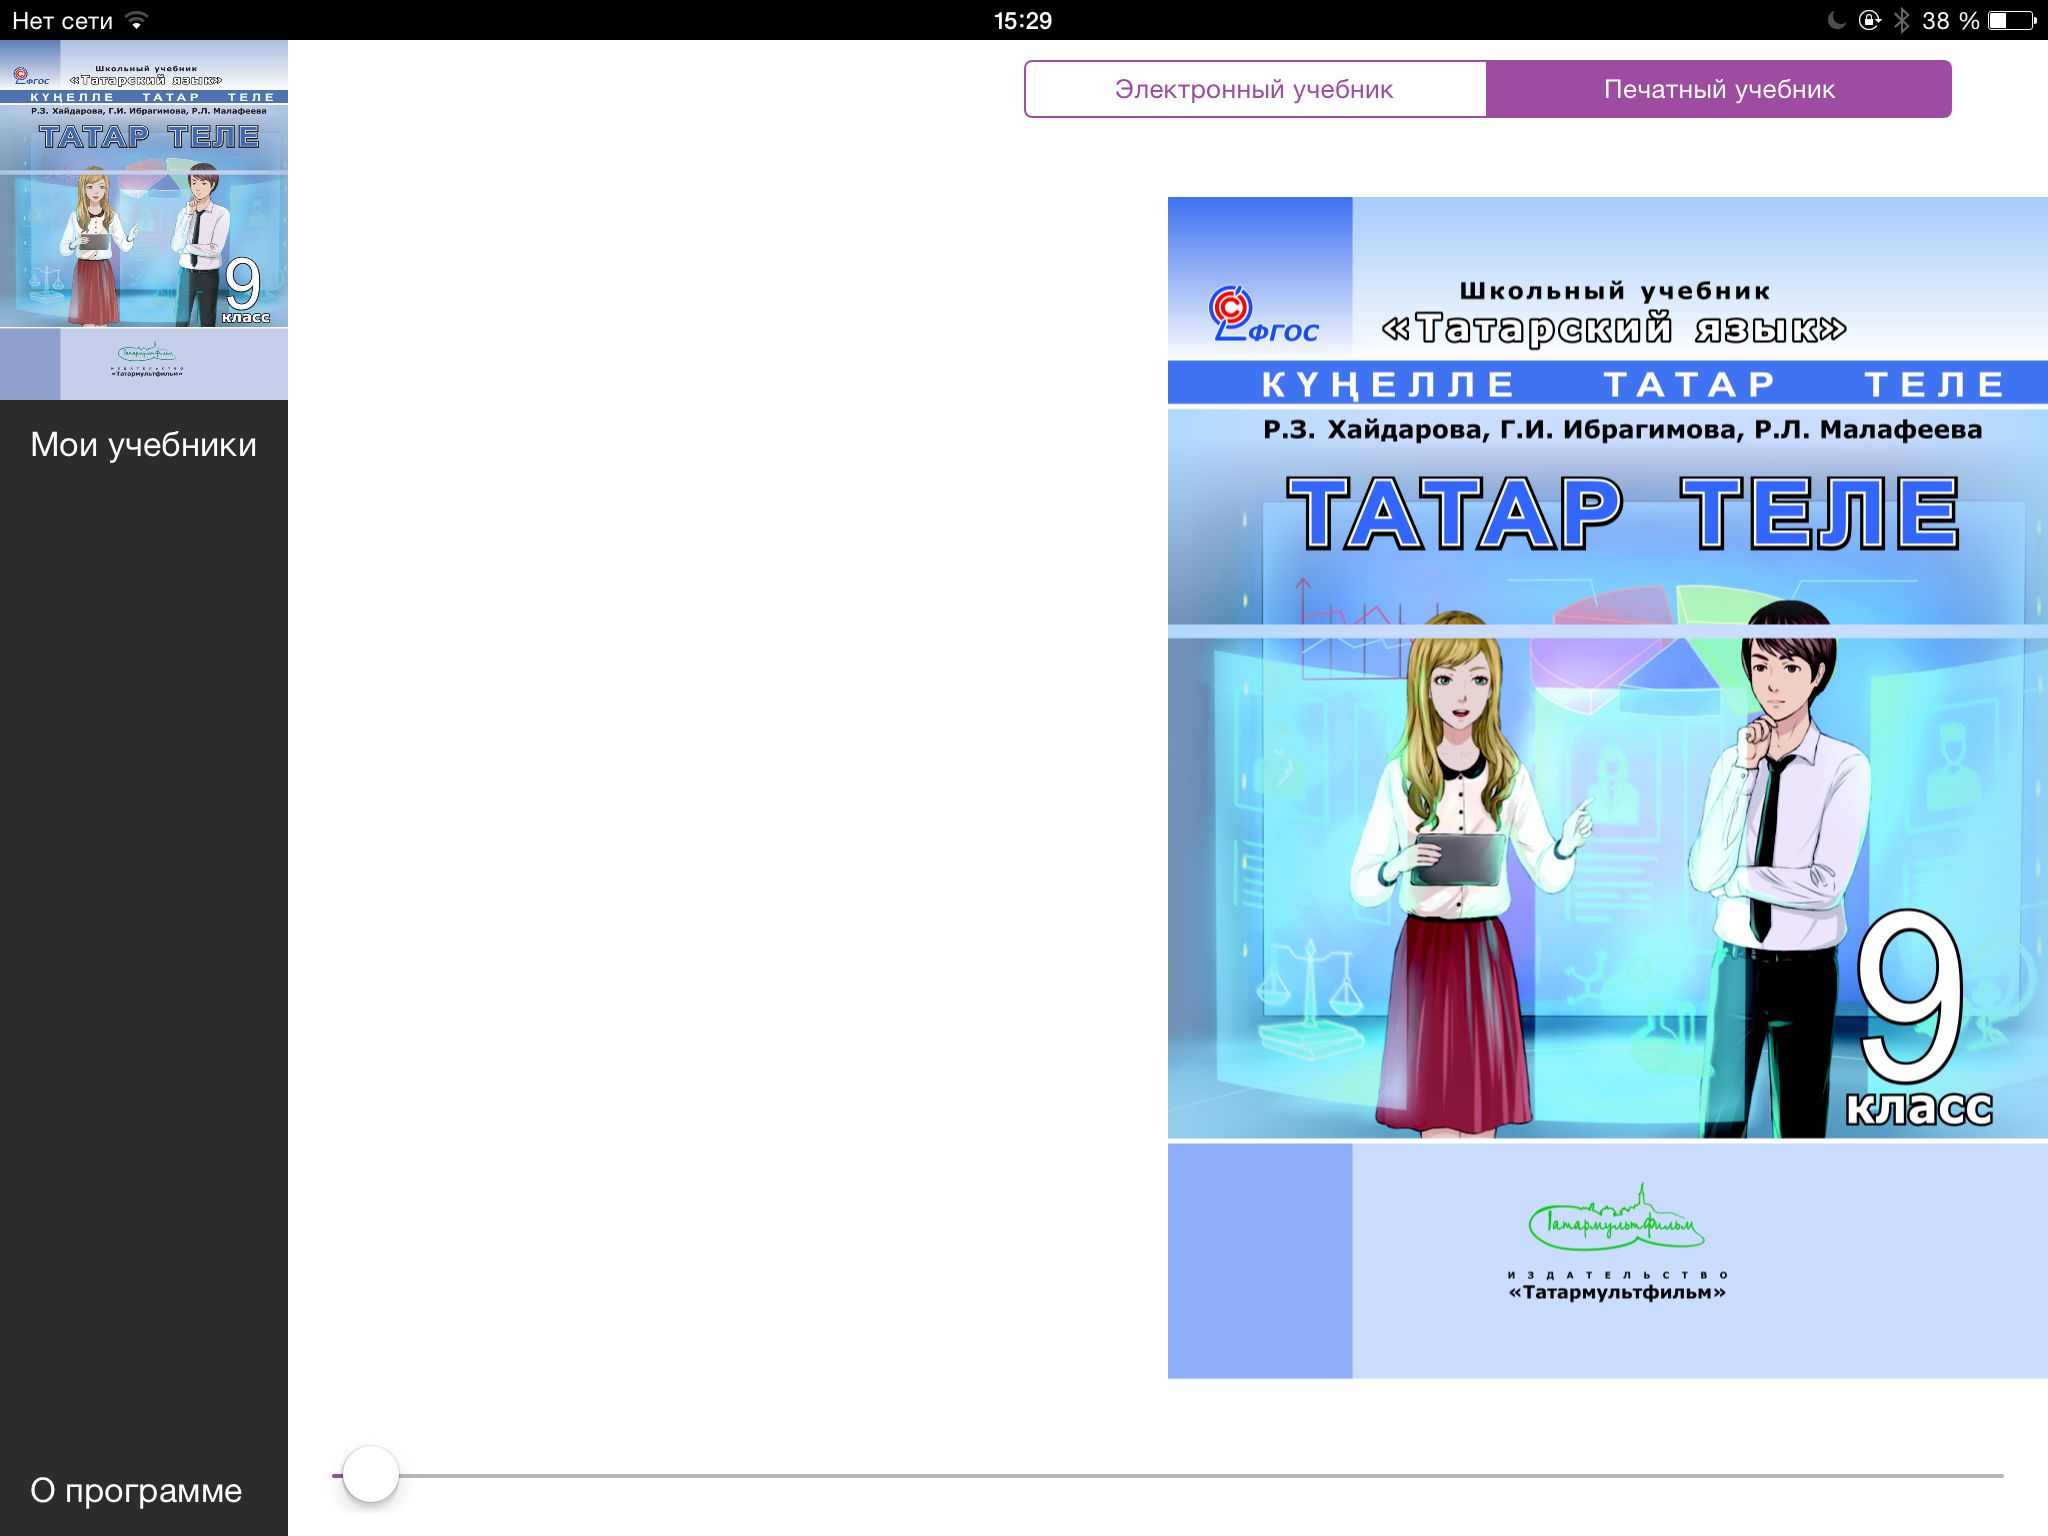 Решебник По Татарскому Языку 4 Класс Хайдарова 1 Часть Учебник